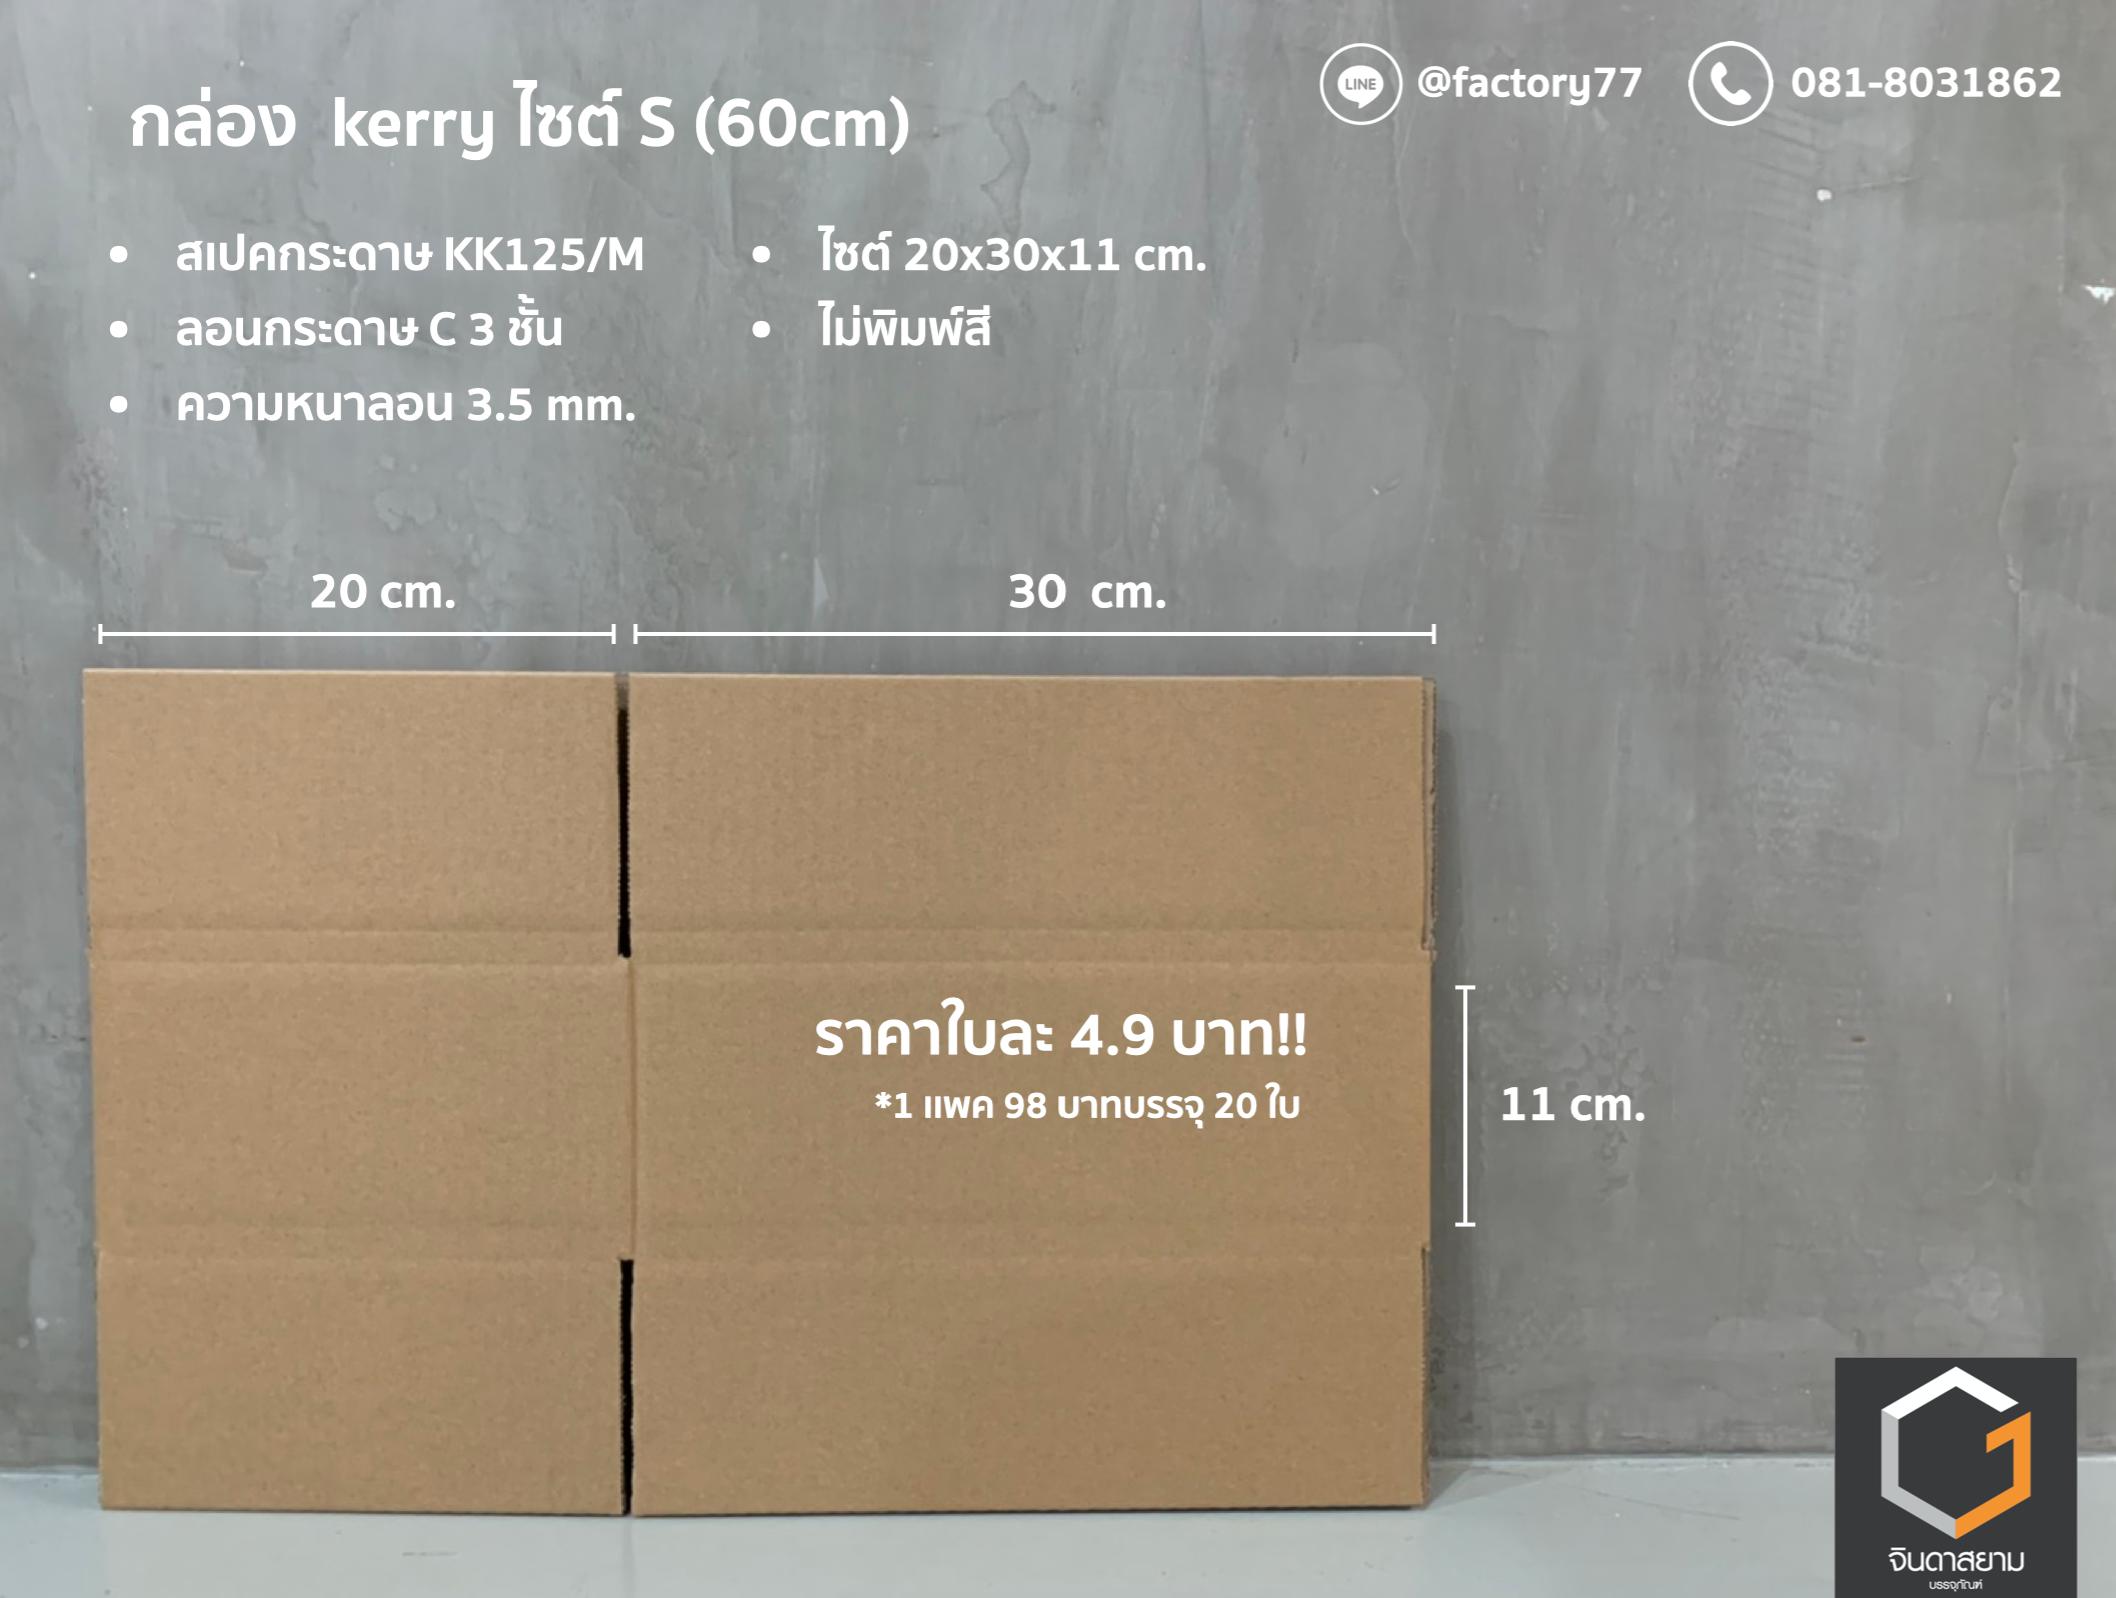 กล่องพัสดุไซซ์ S (ขนาด 60 ซม.)